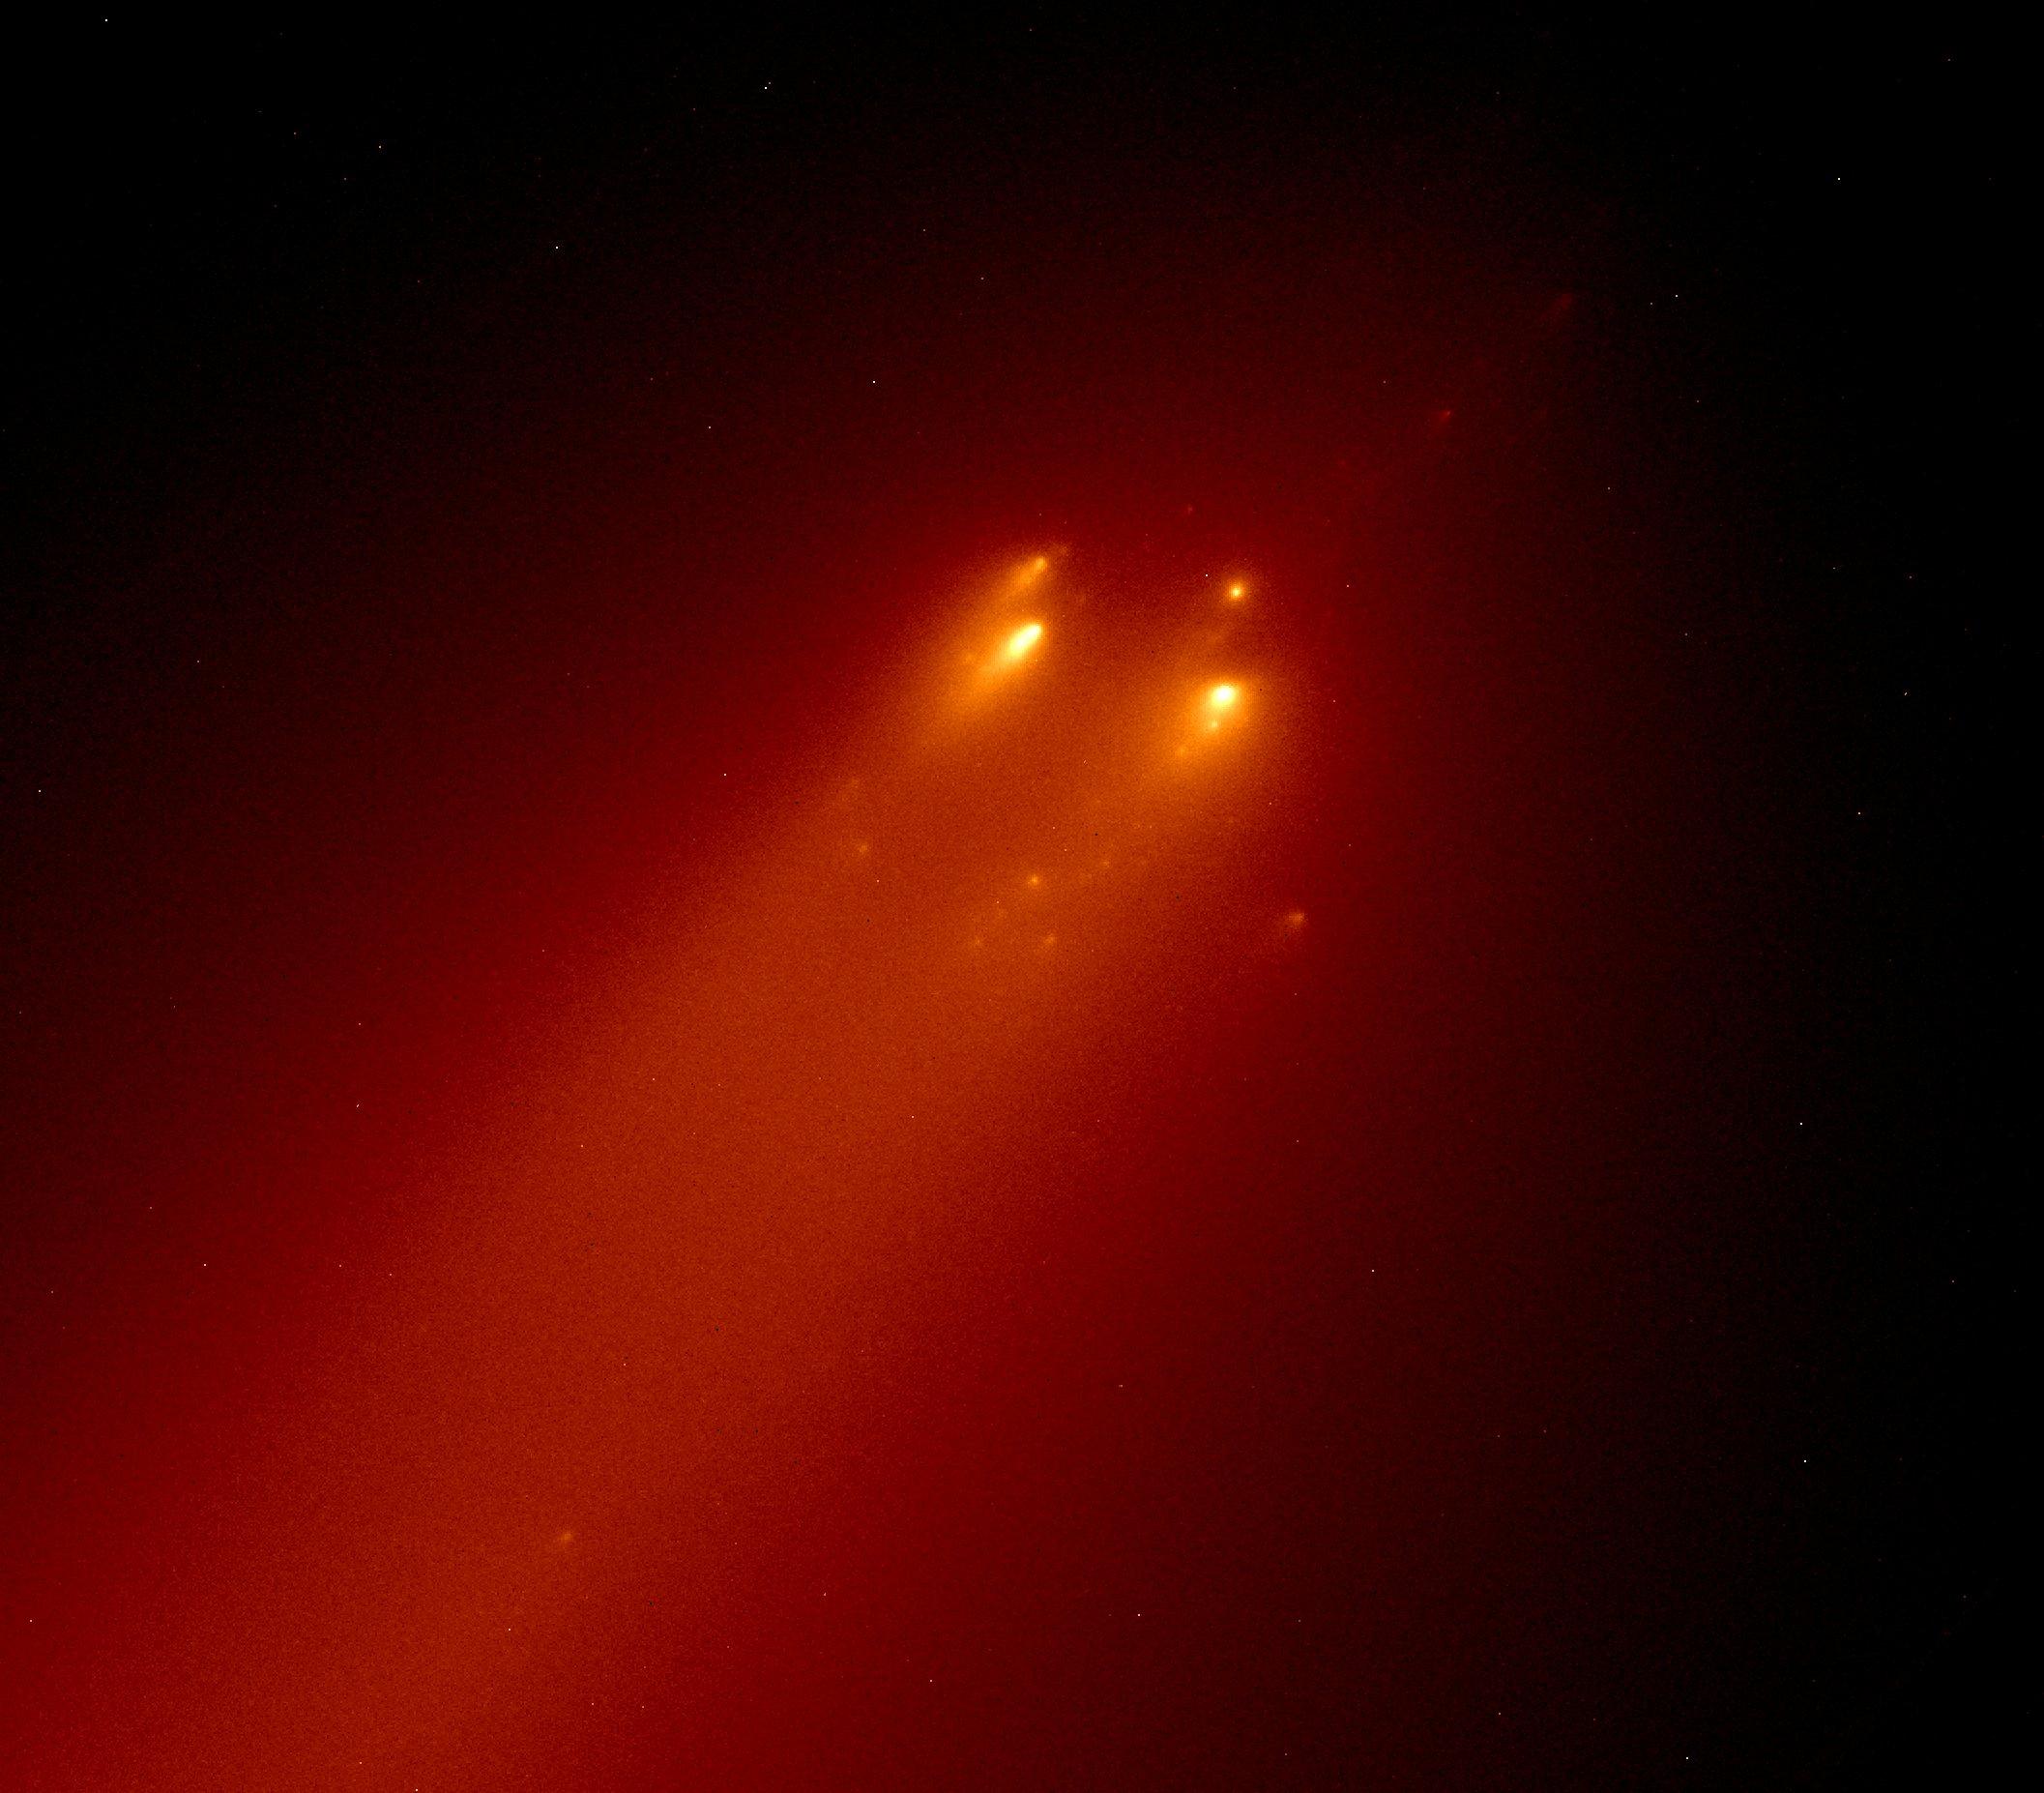 El cometa C/2019 Y4 (ATLAS) se desintegra | Instituto de ...